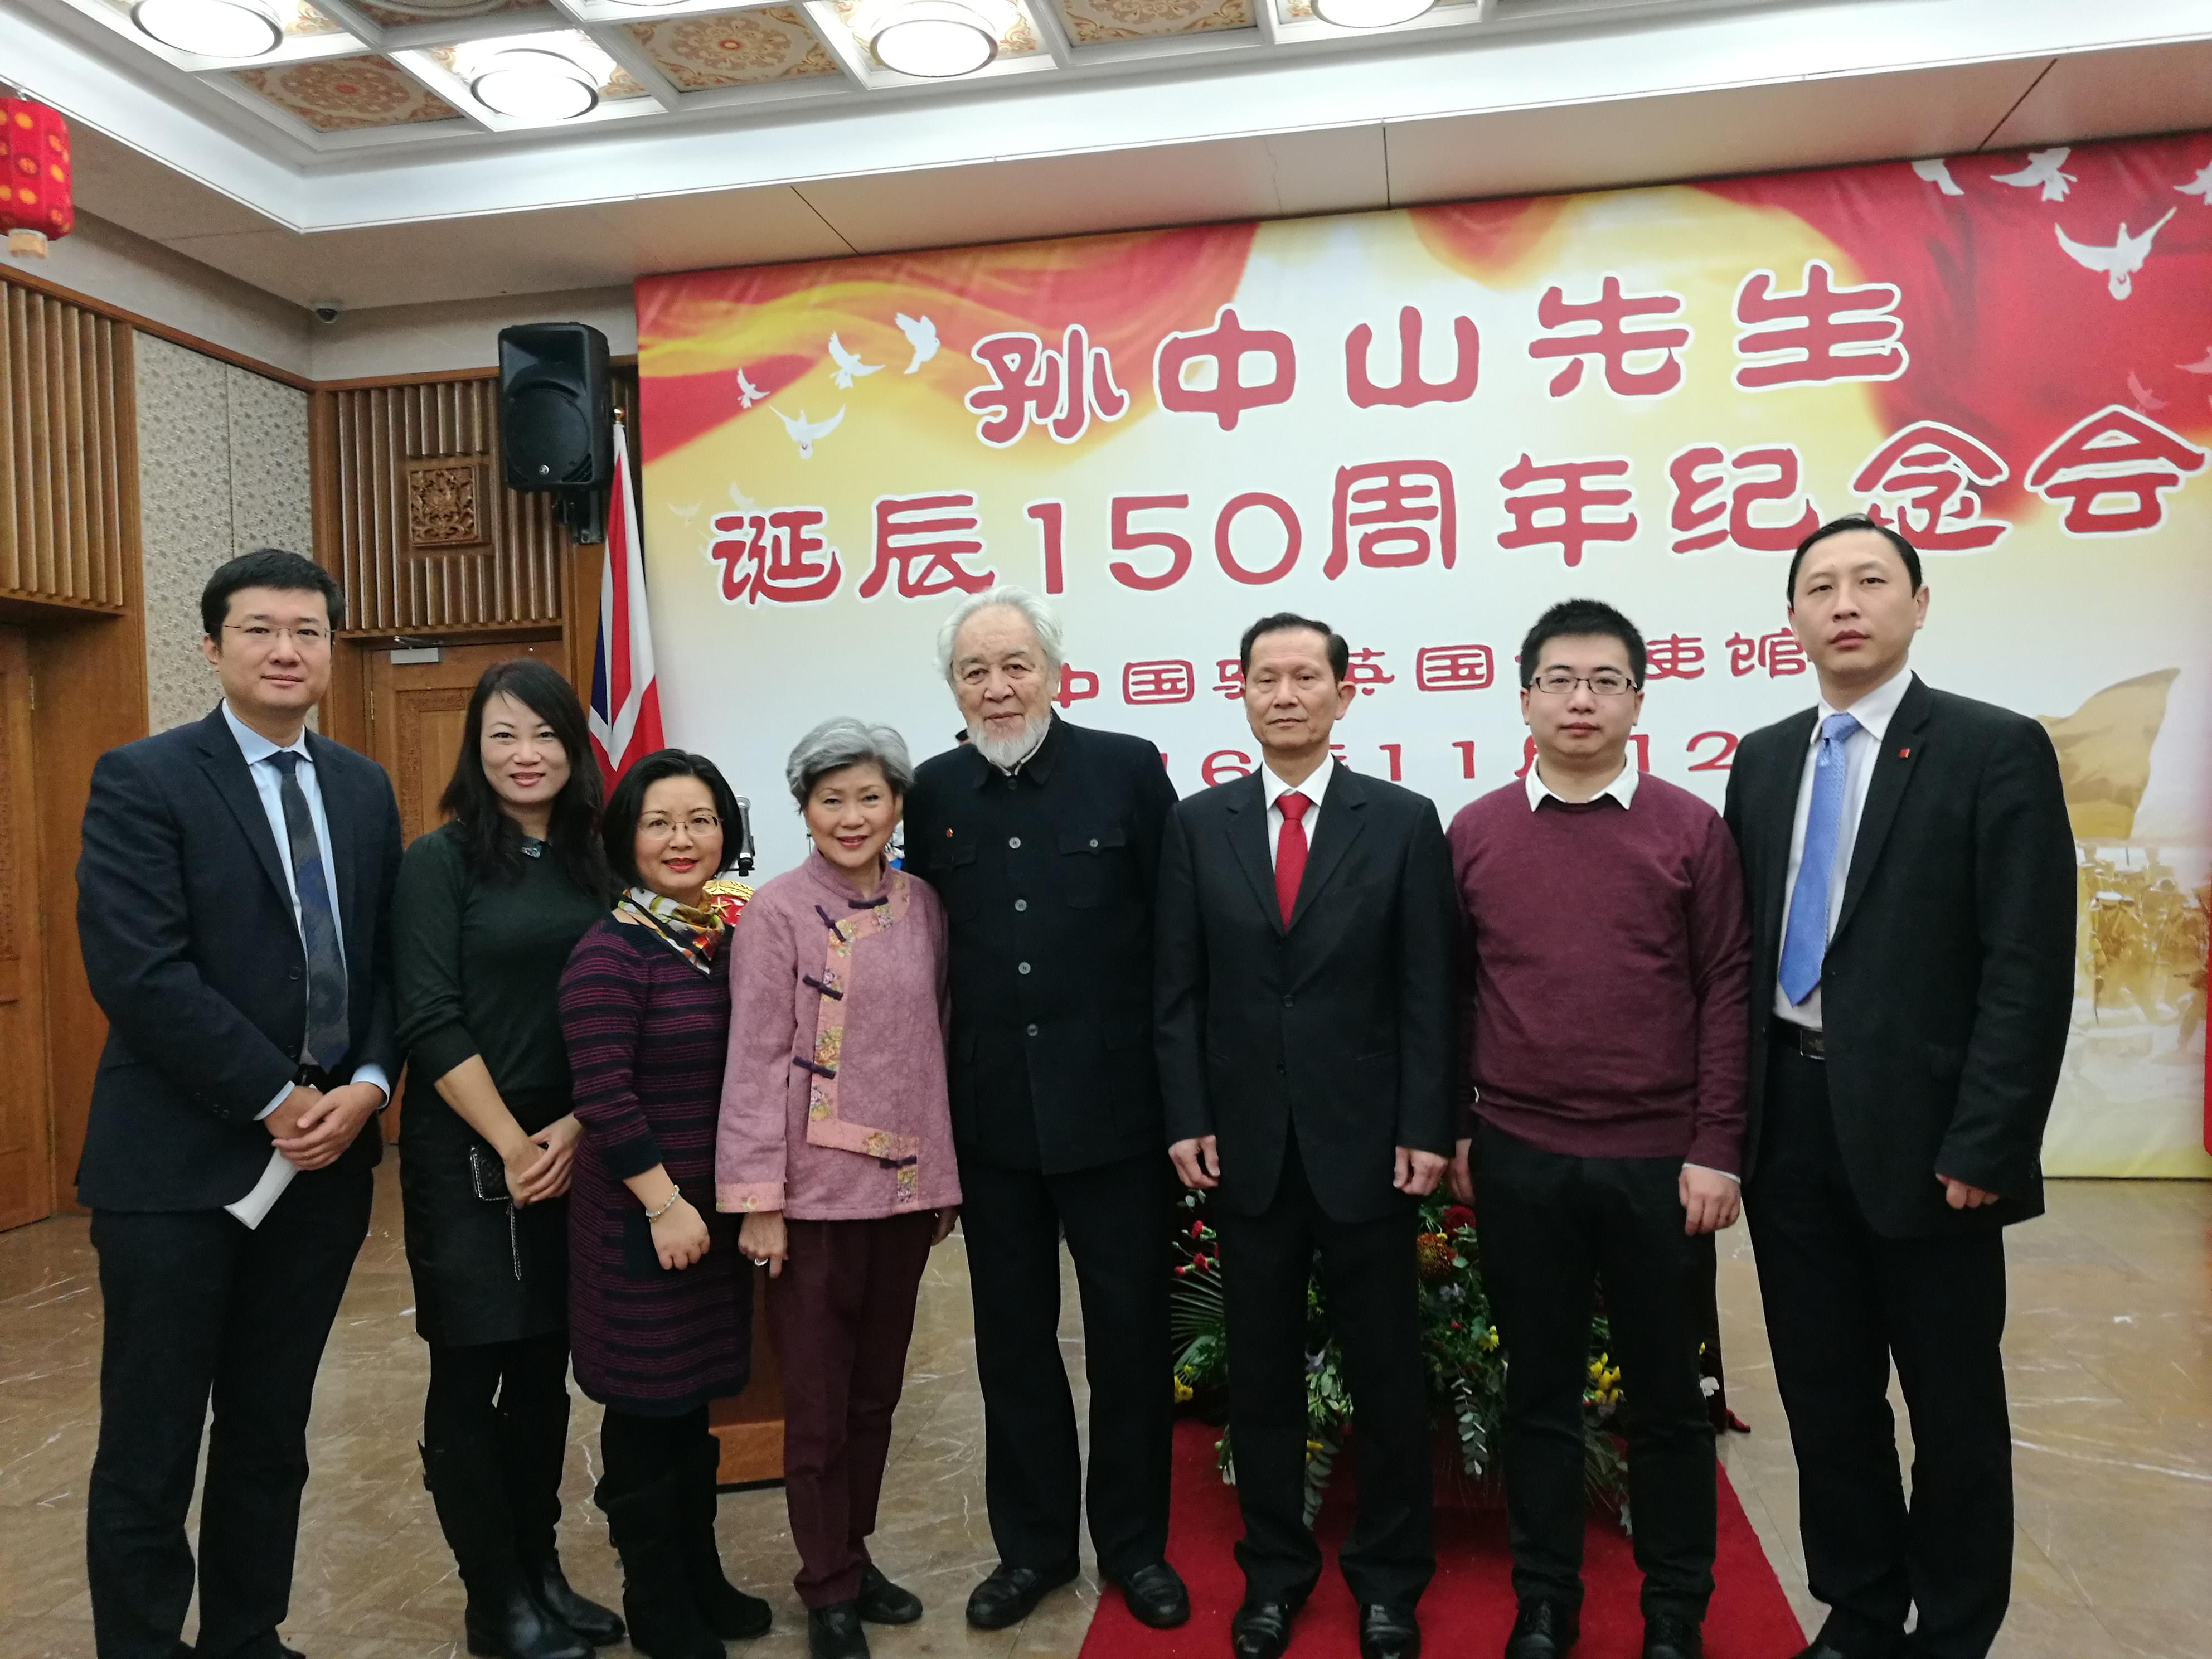 全英华侨中国统一促进会出席中国驻英国使馆纪念孙中山先生诞辰150周年纪念会合照.JPG